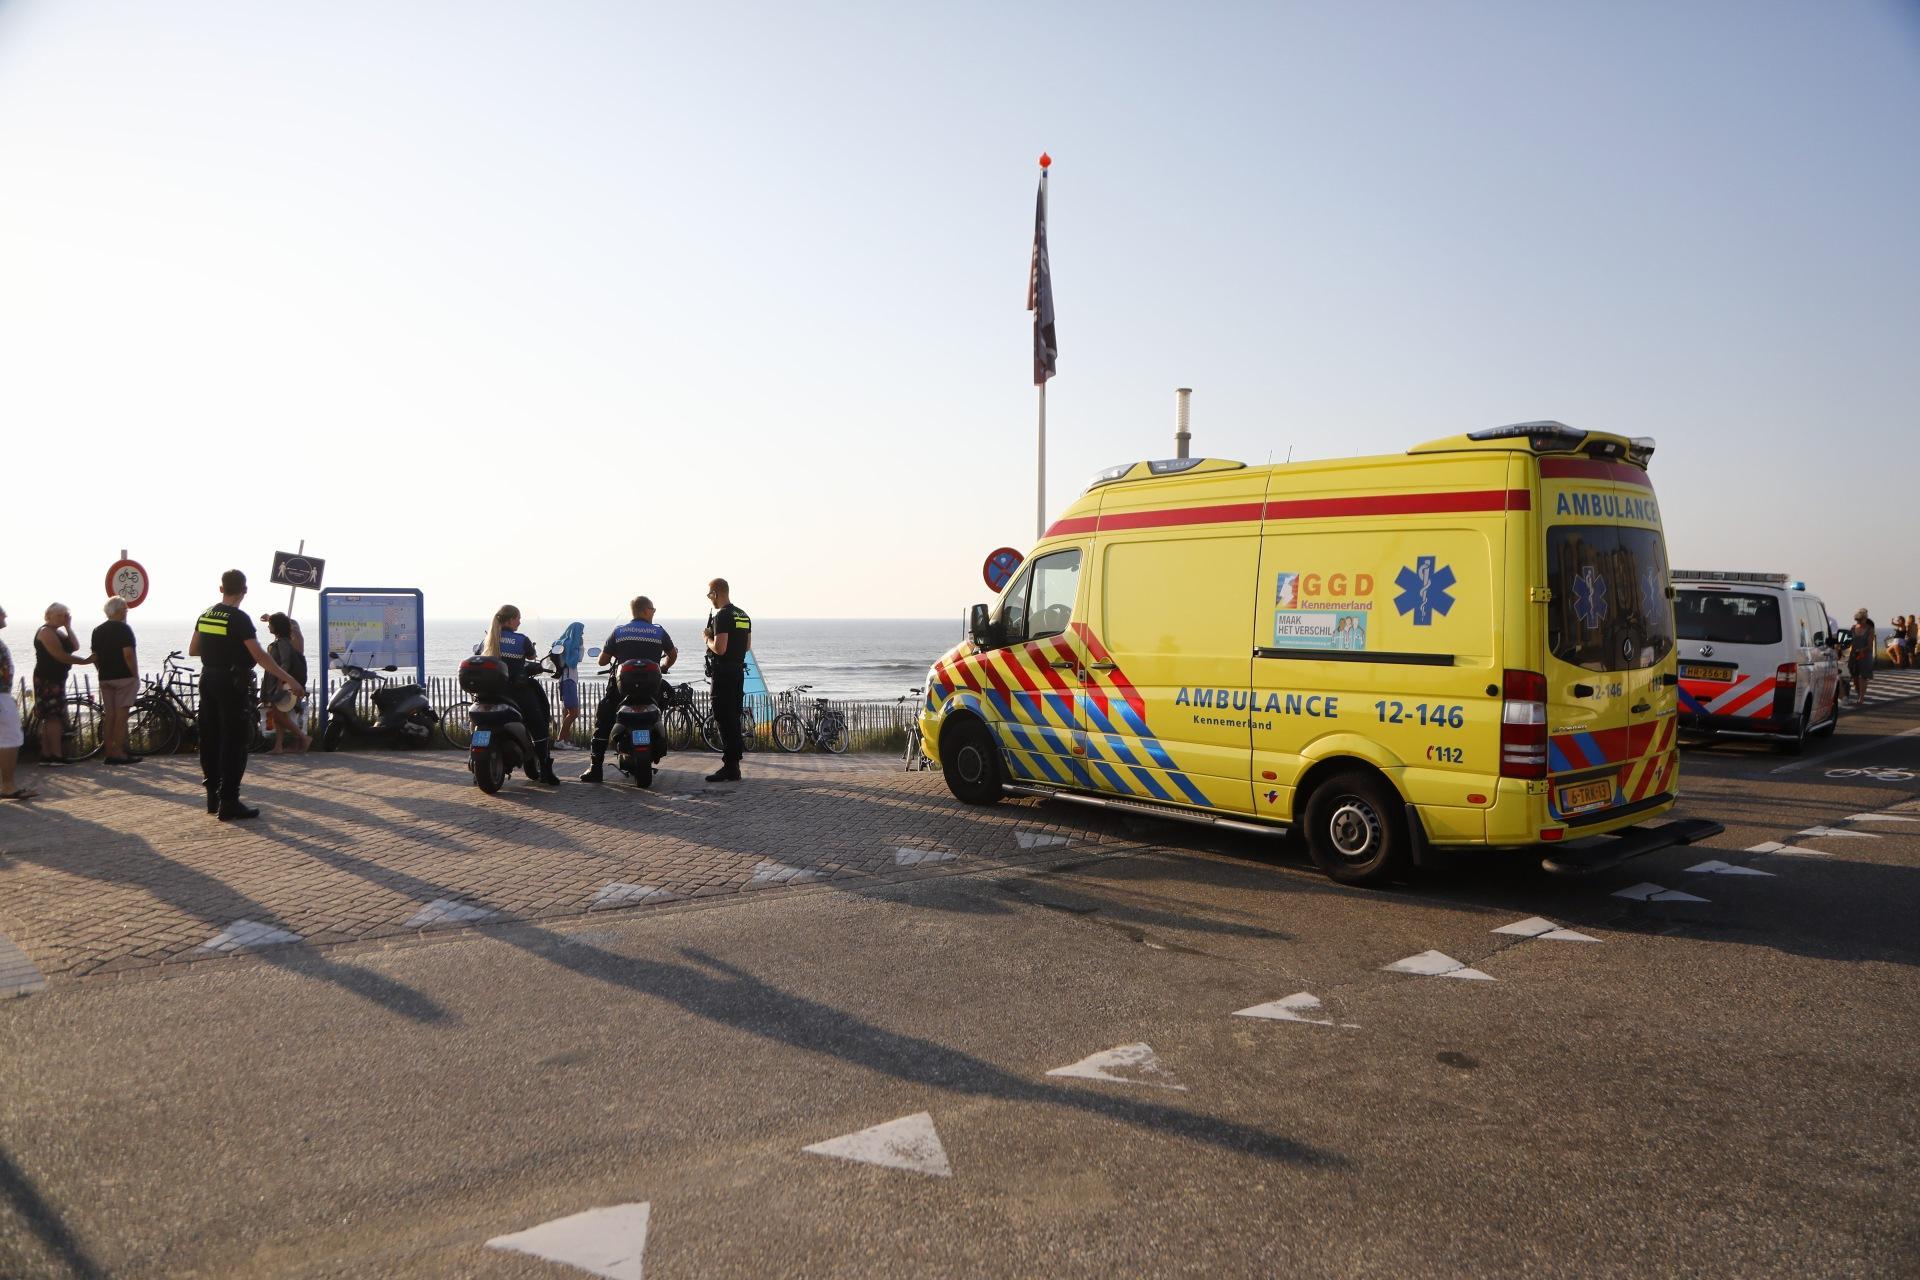 Drenkelingen overleden voor de kust van Zandvoort en Wijk aan Zee